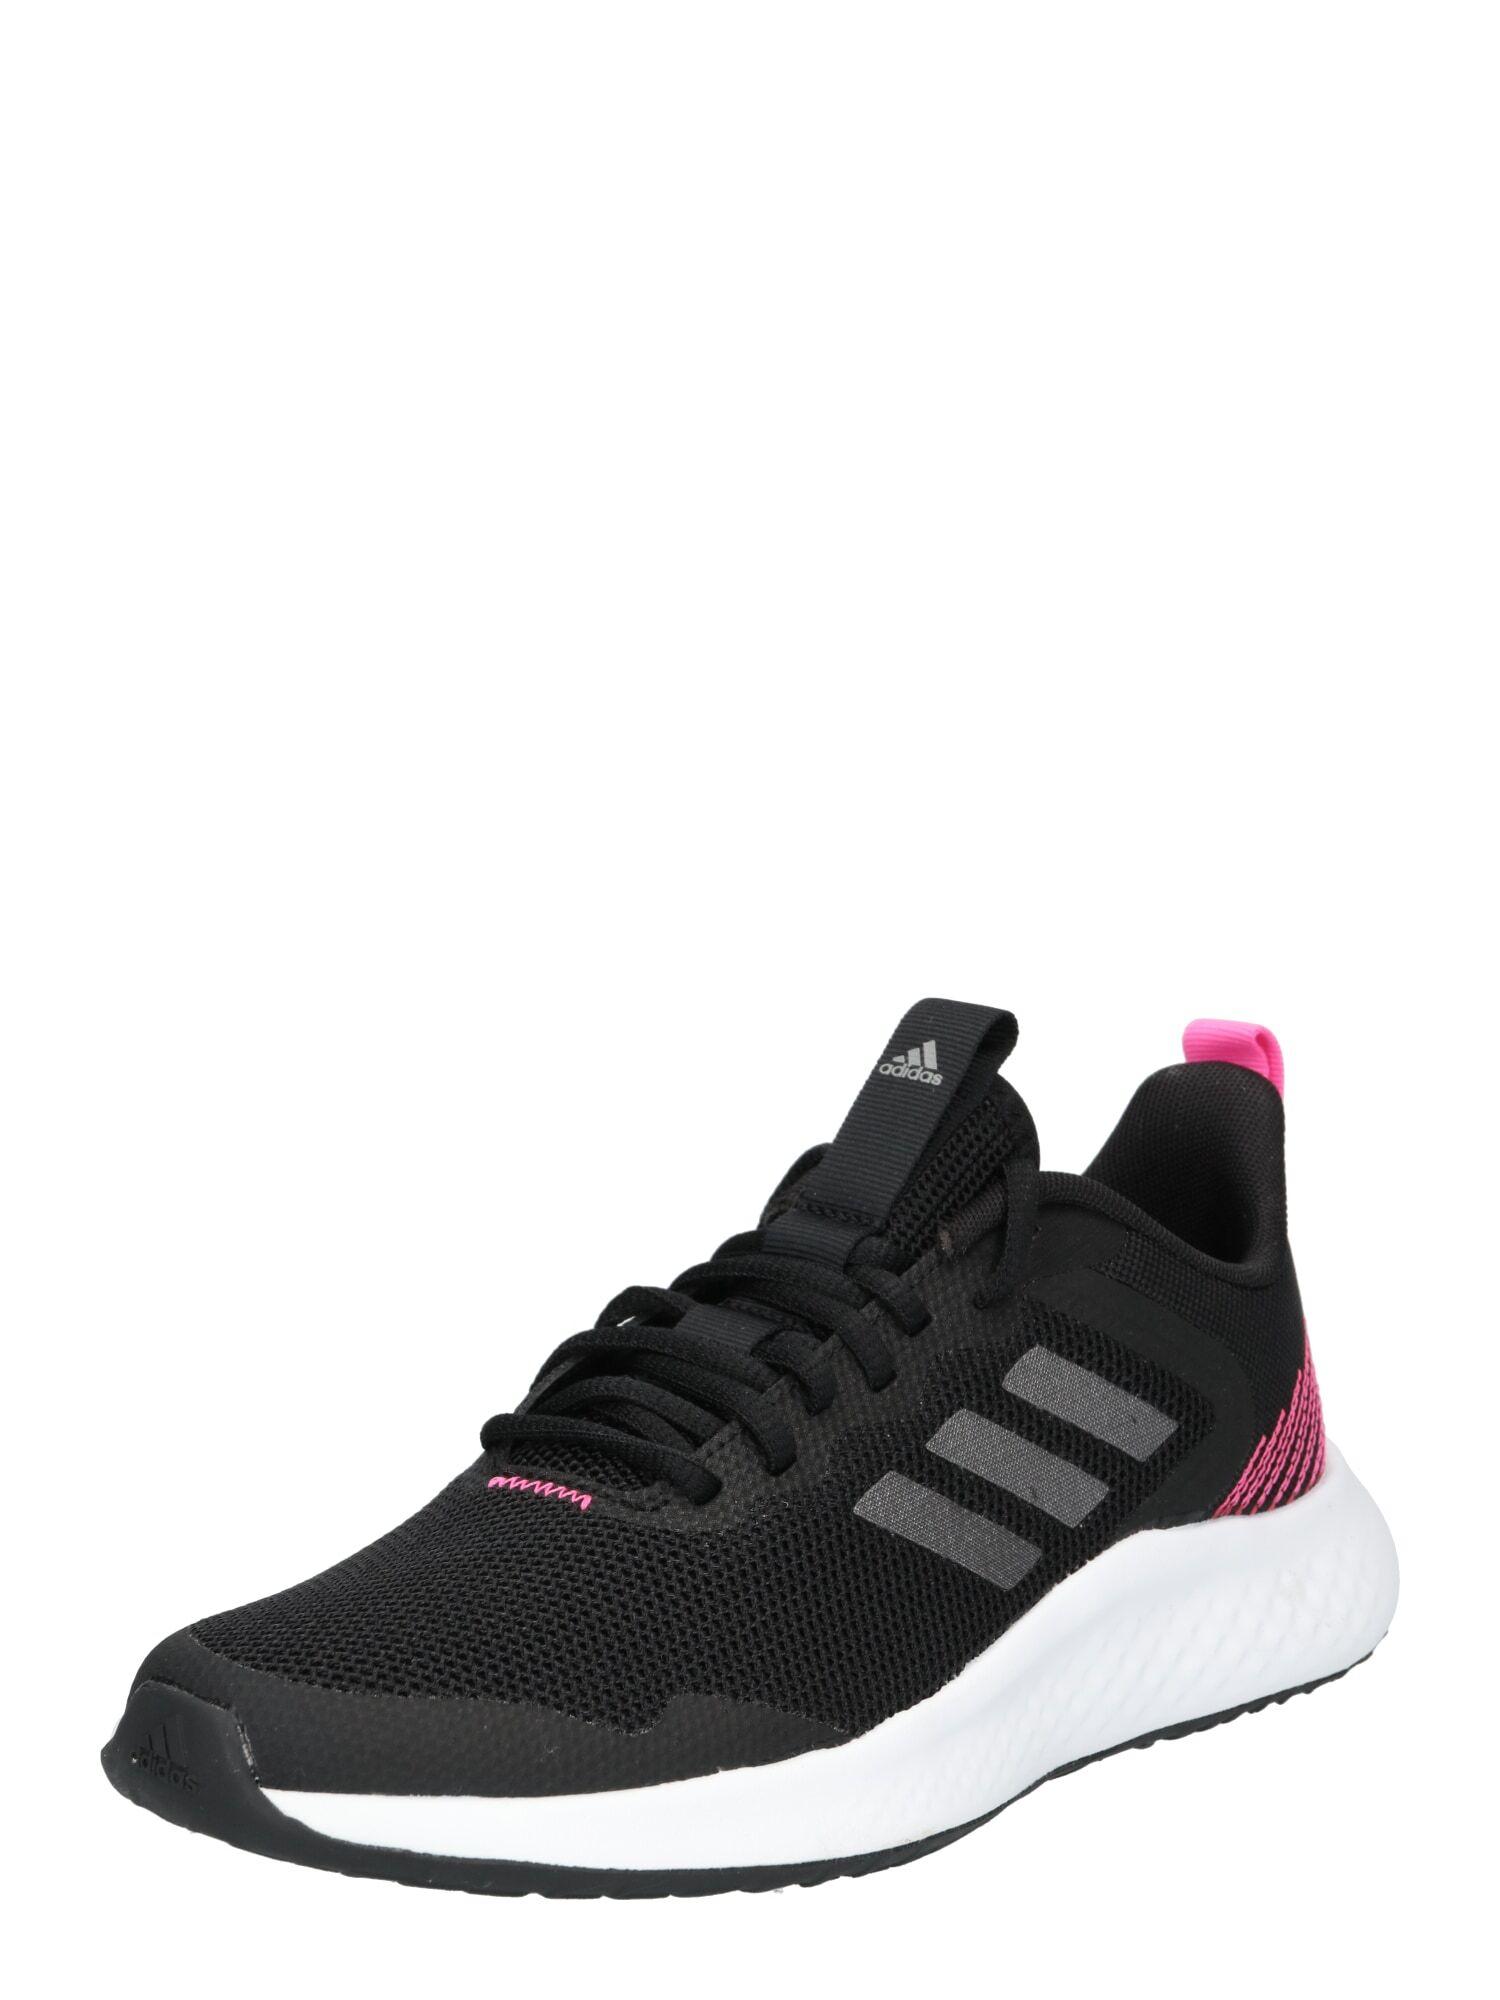 ADIDAS PERFORMANCE Chaussure de course  - Noir - Taille: 39-39.5 - female